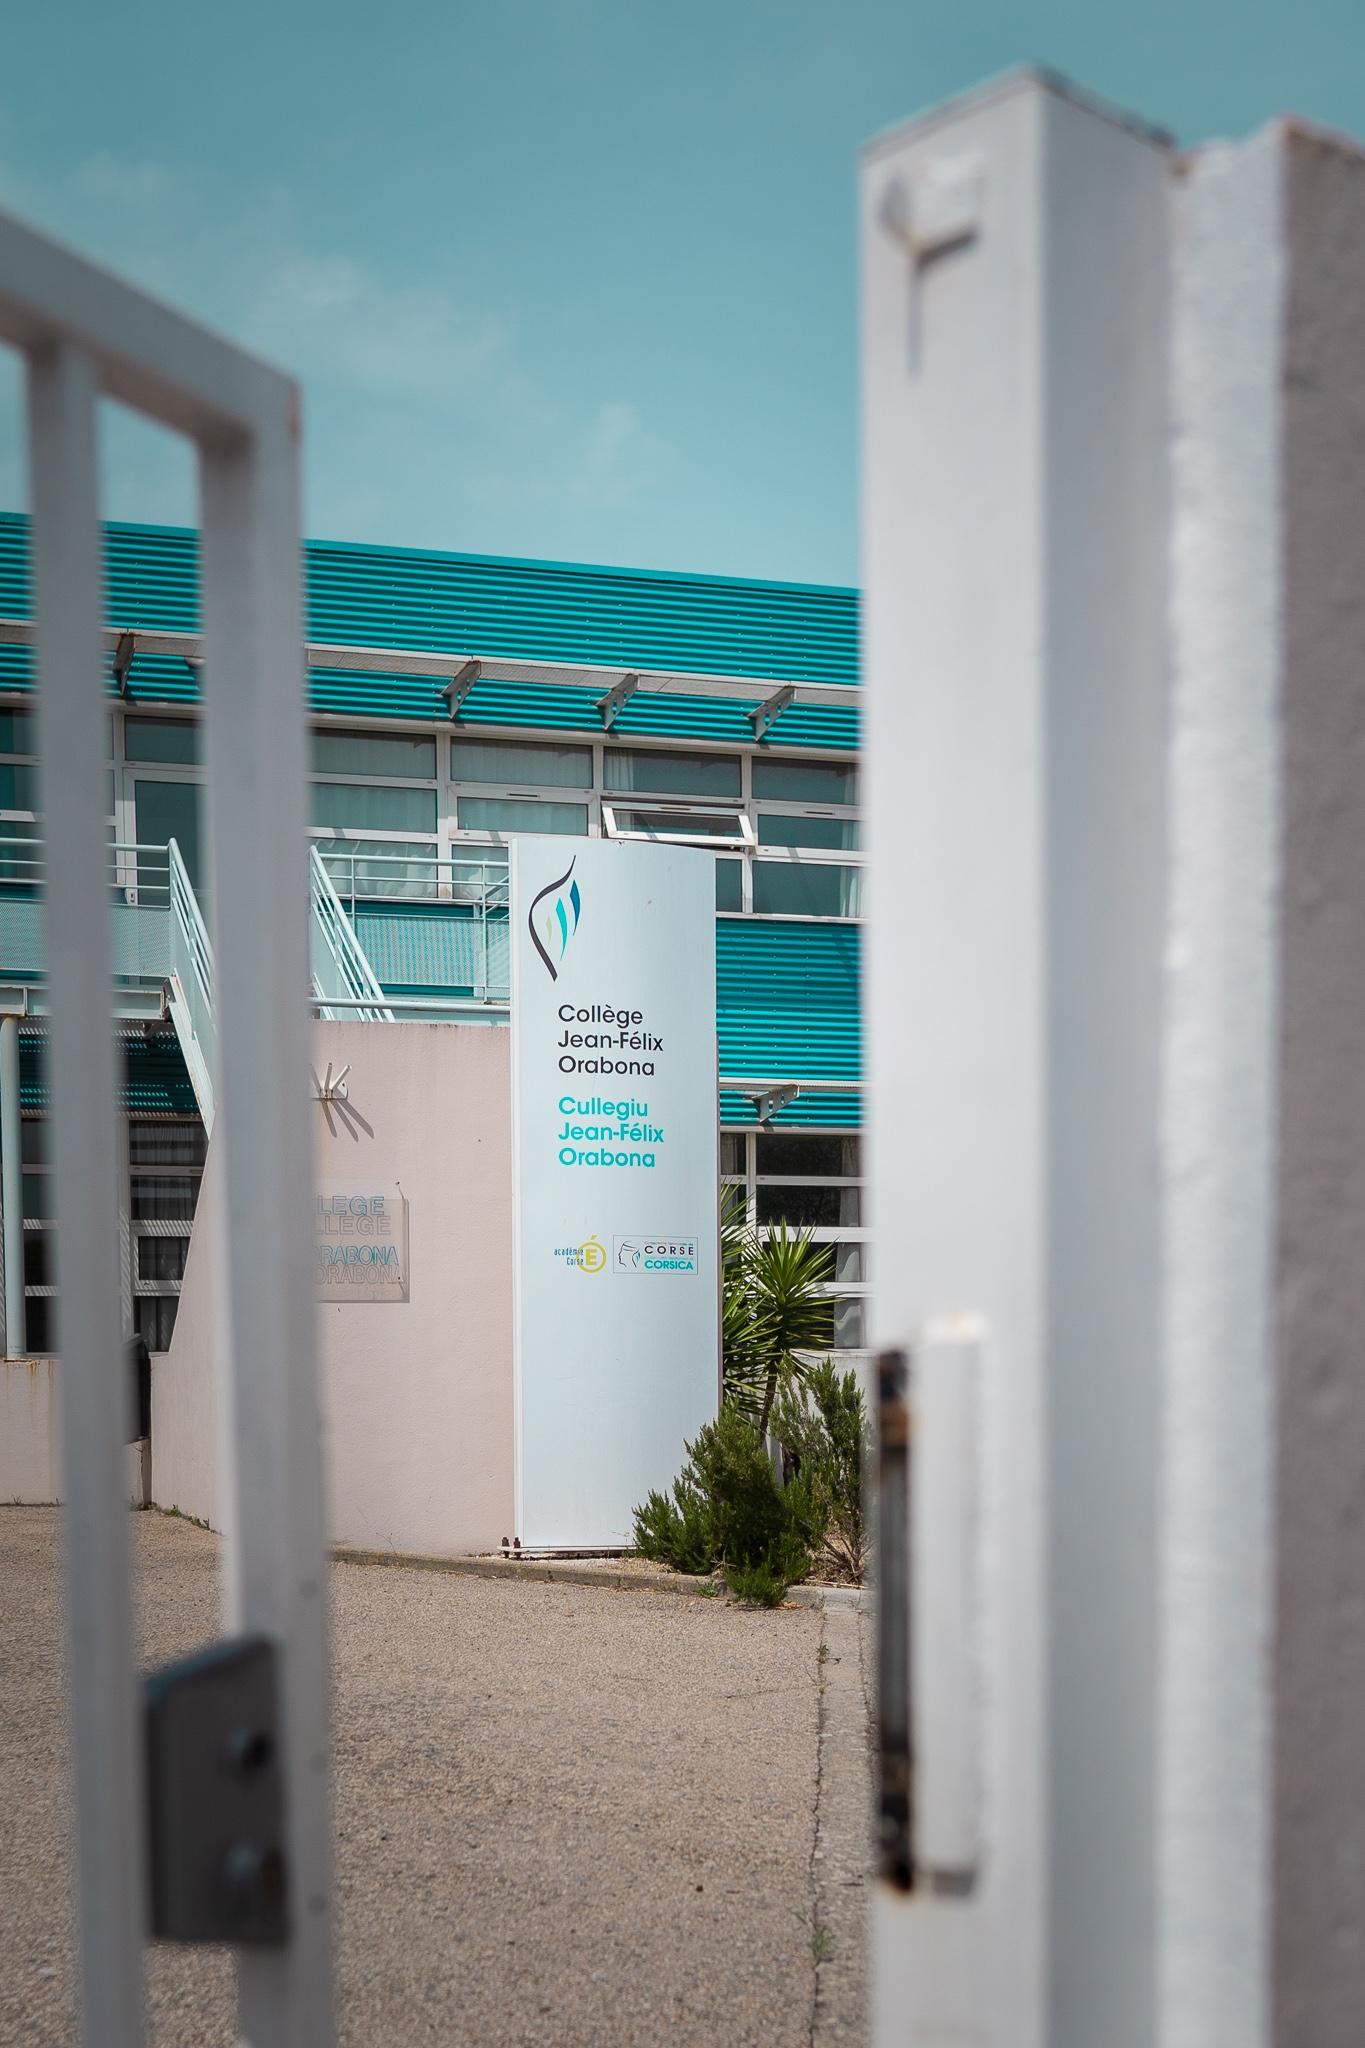 Ce 18 mai les collèges sont bien restés fermés en Corse